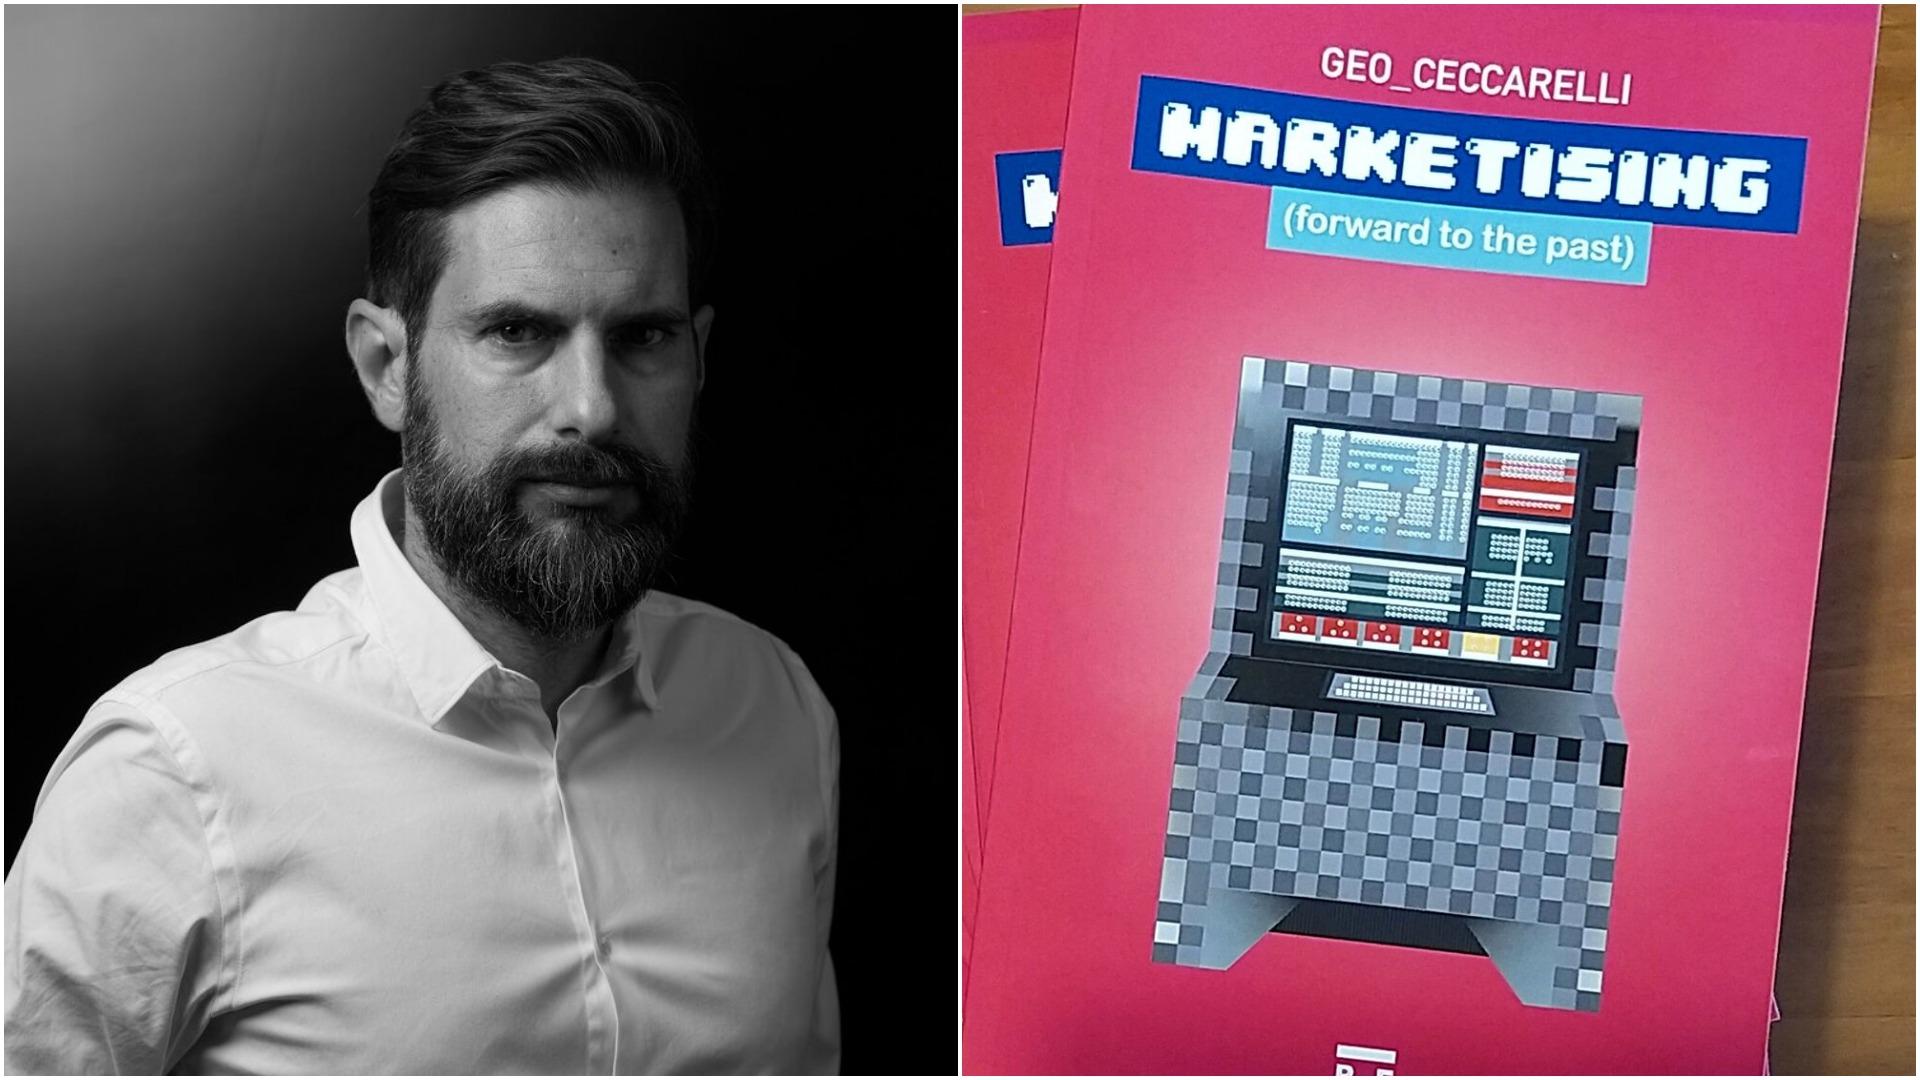 Marketising, (forward to the past): l'ultimo libro di Geo Ceccarelli